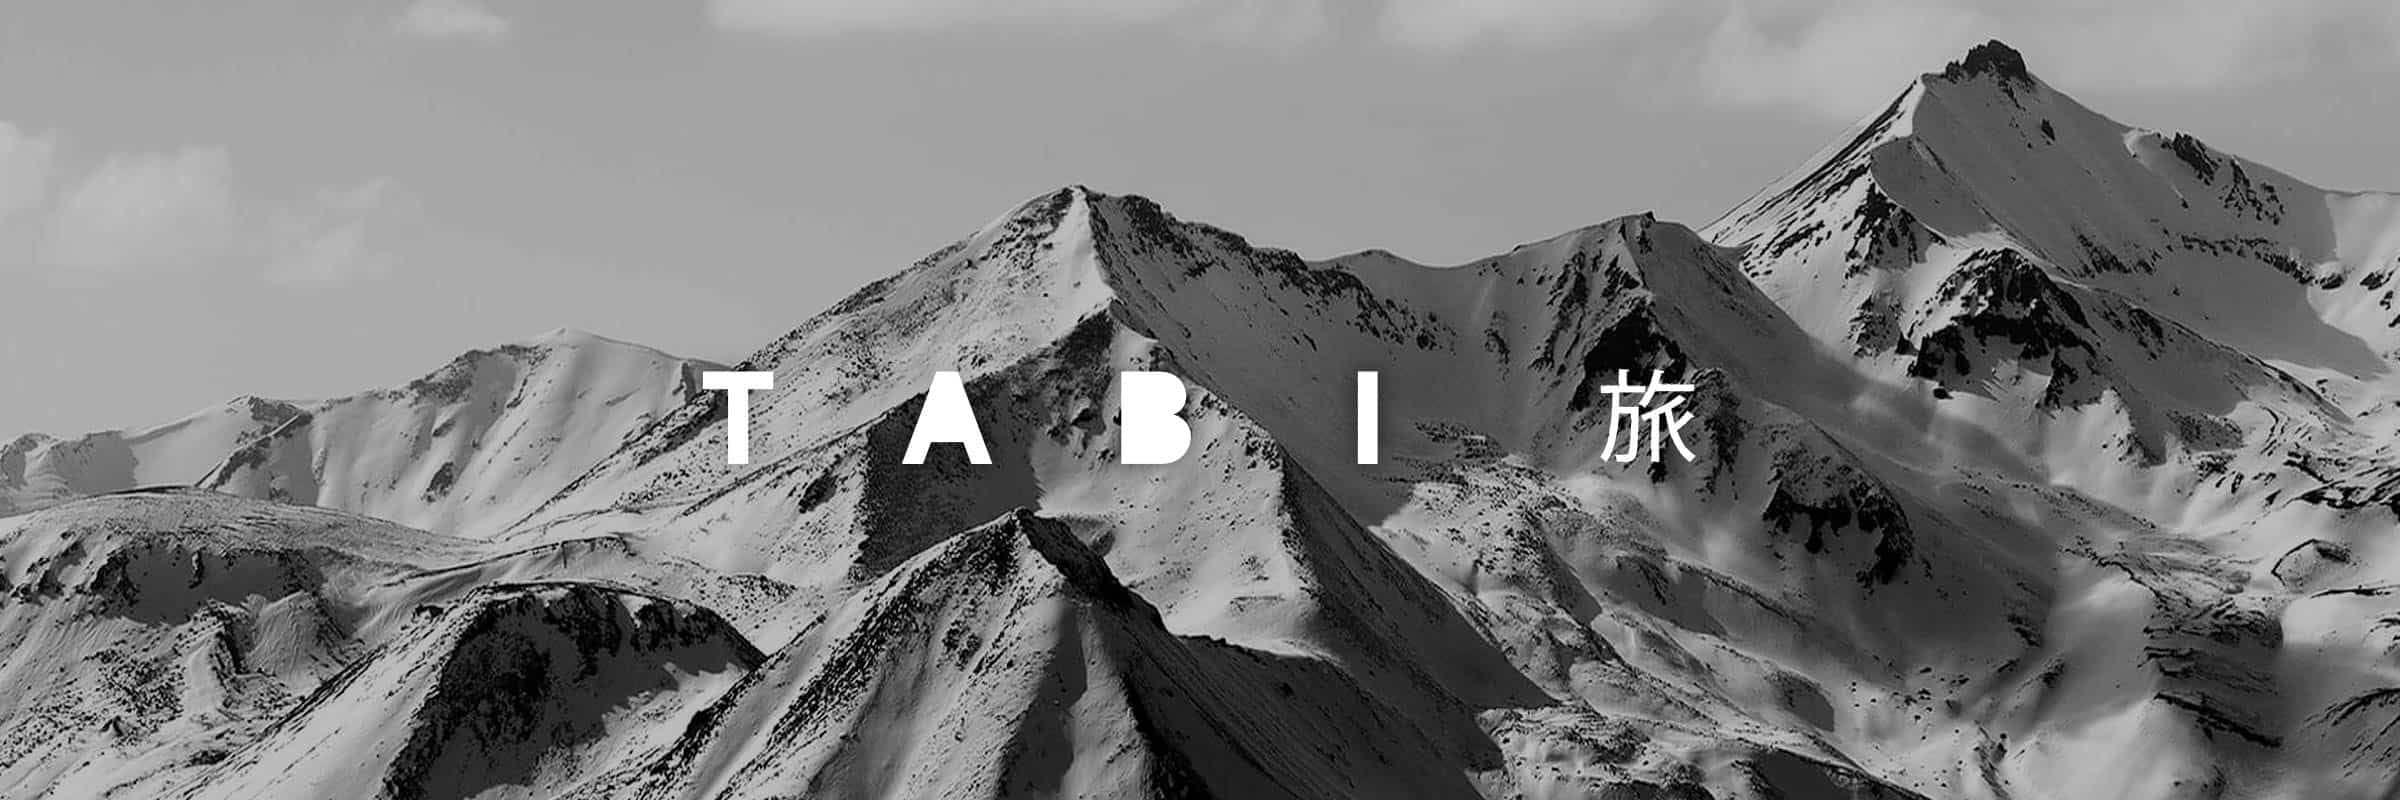 旅 TABI: Discover the Lifestyle Collection by icebreaker